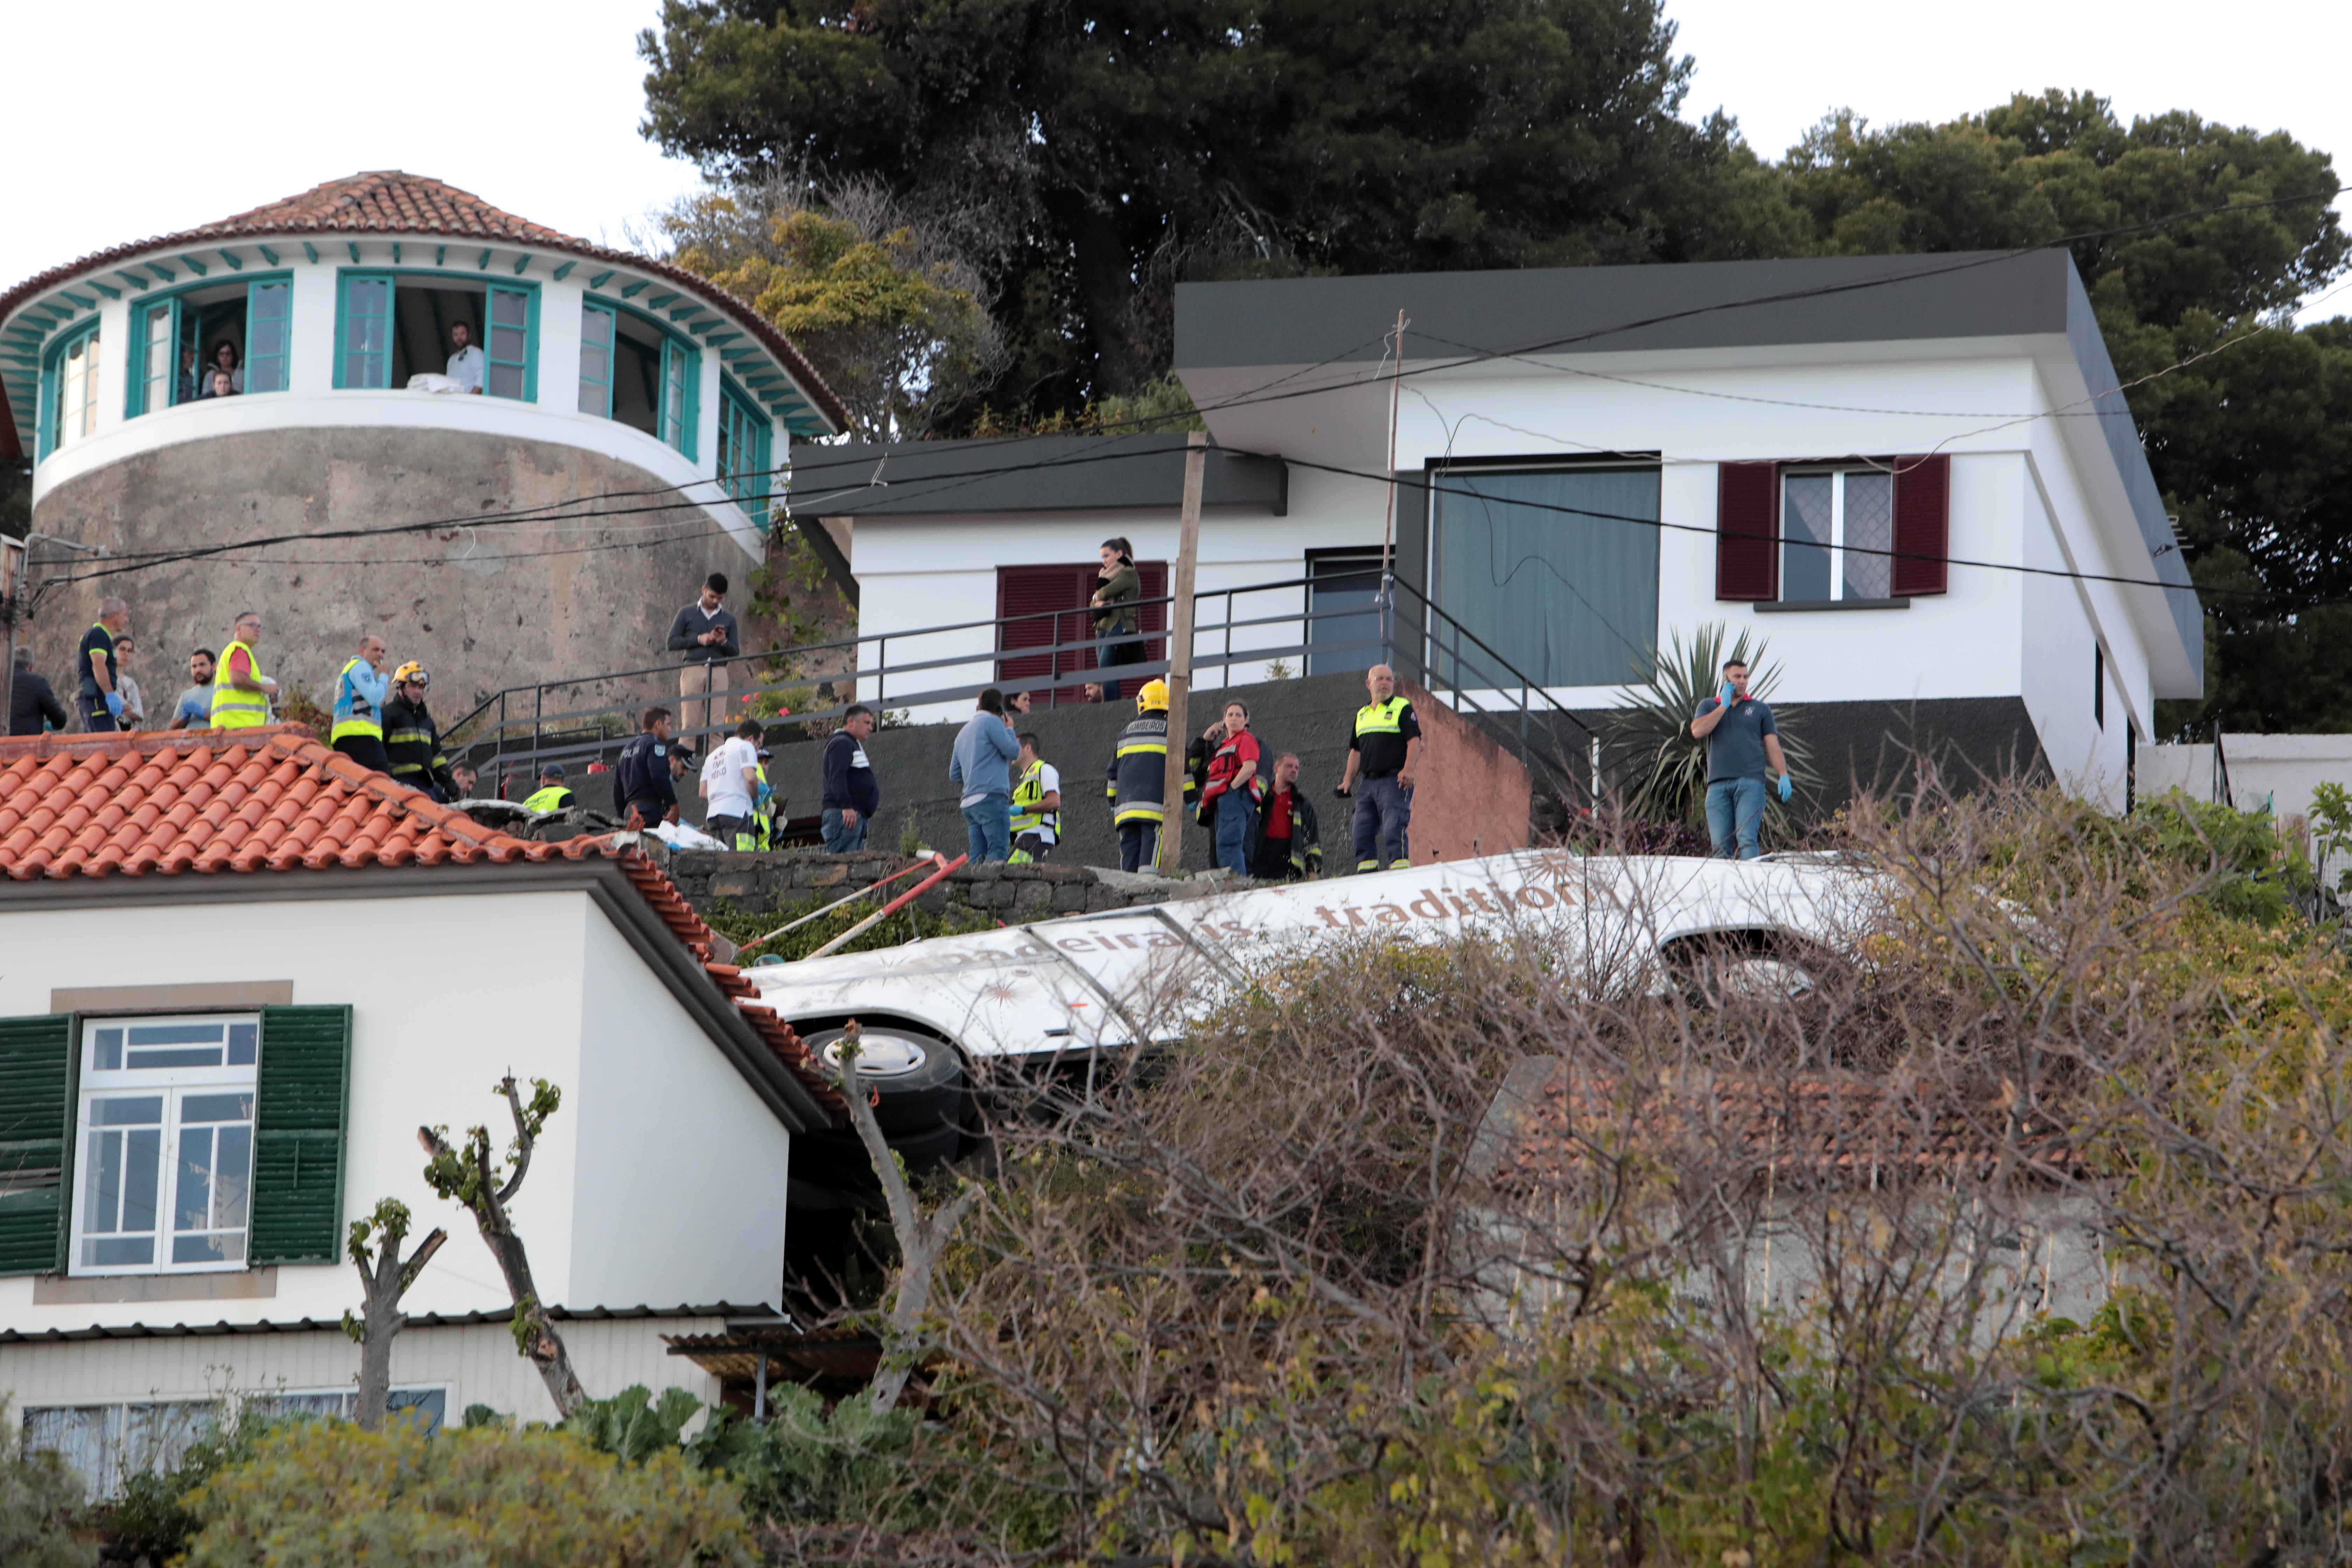 Ministério Público abre inquérito a trágico acidente na Madeira